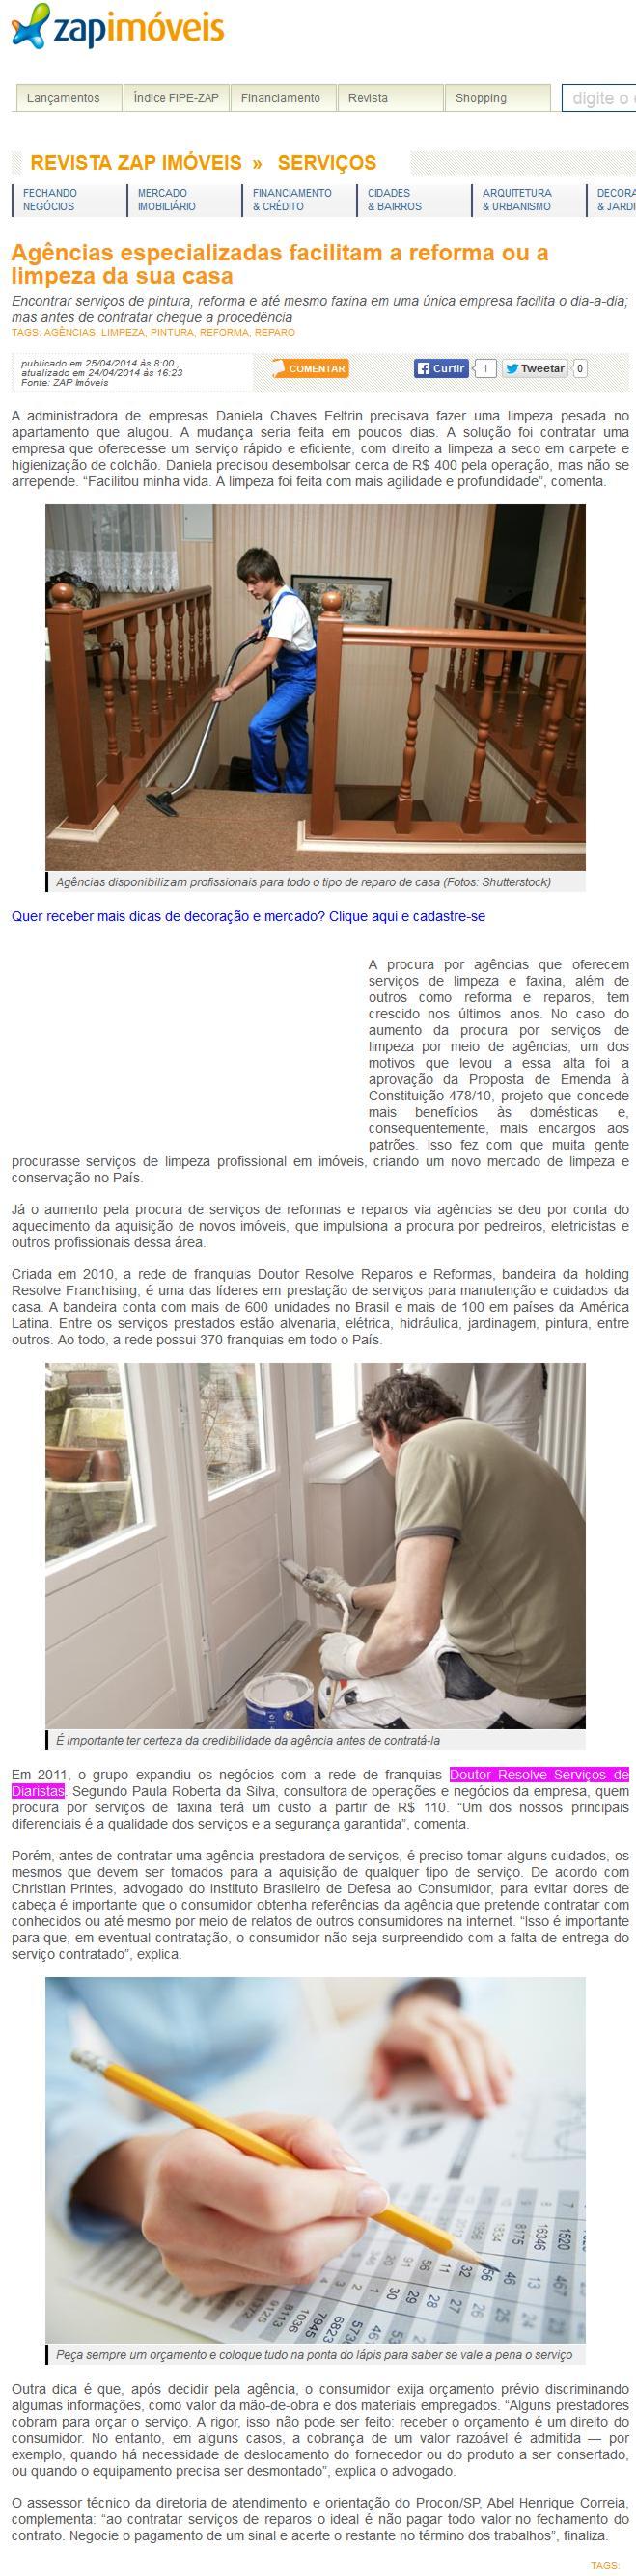 Agências especializadas facilitam a reforma ou a limpeza  da sua casa